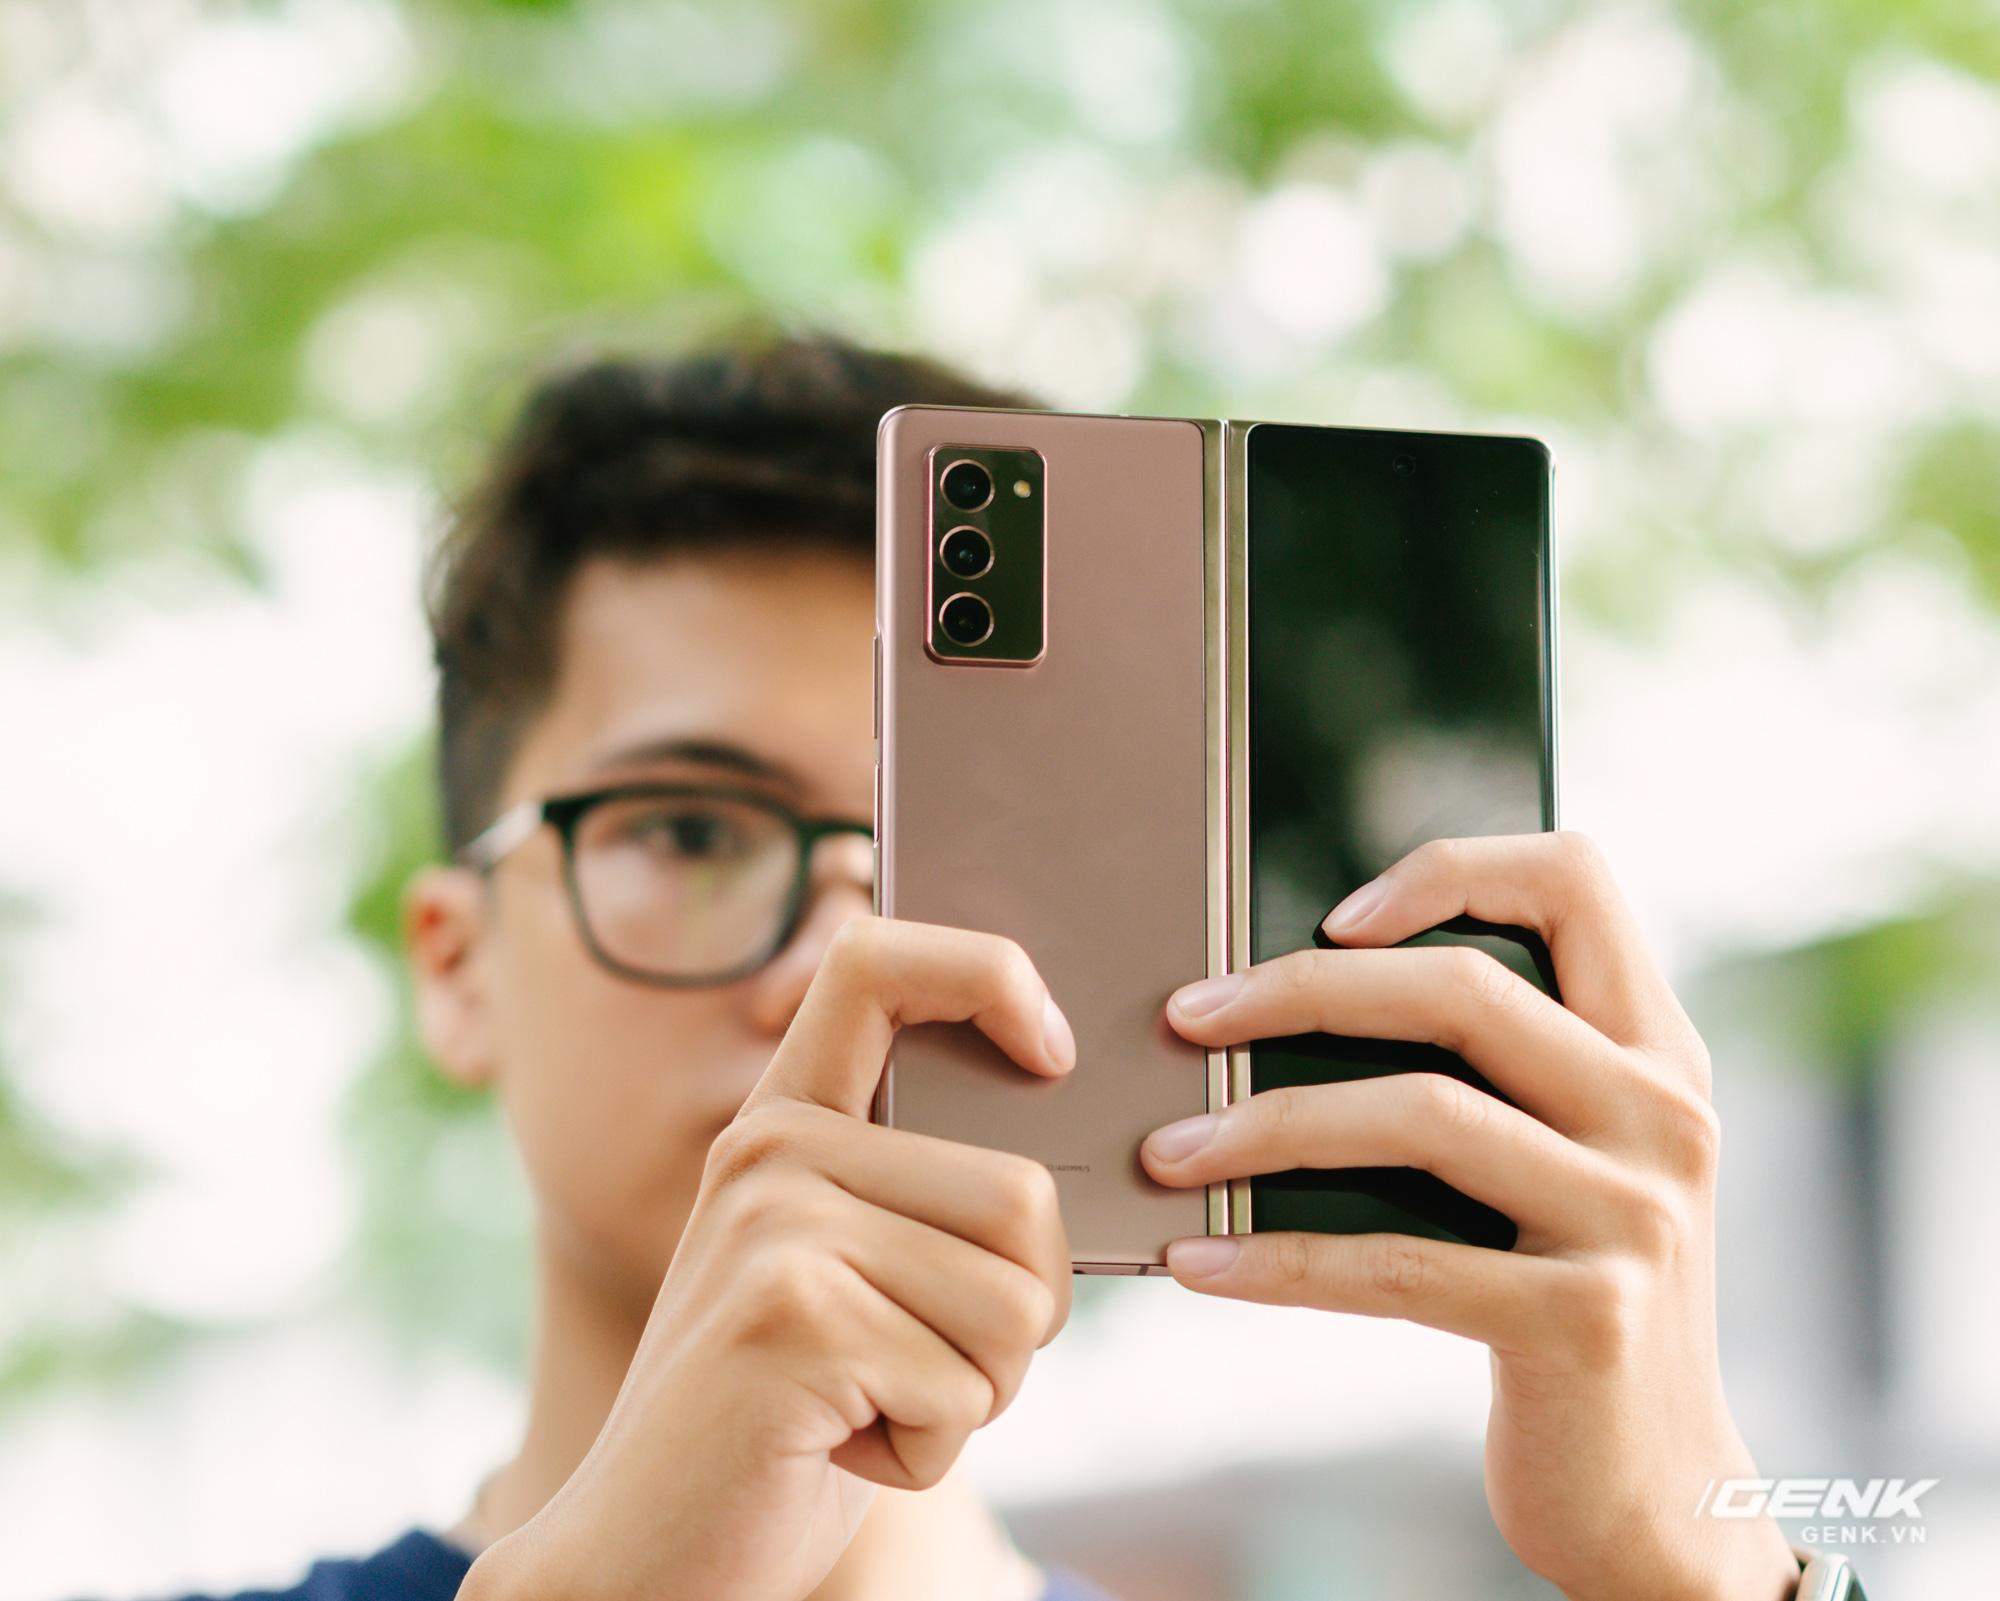 Huawei nói smartphone của mình tốt hơn Z Fold2, iPhone 12 Pro Max, Pro Display XDR, Volvo XC90... như thế nào? - Ảnh 2.